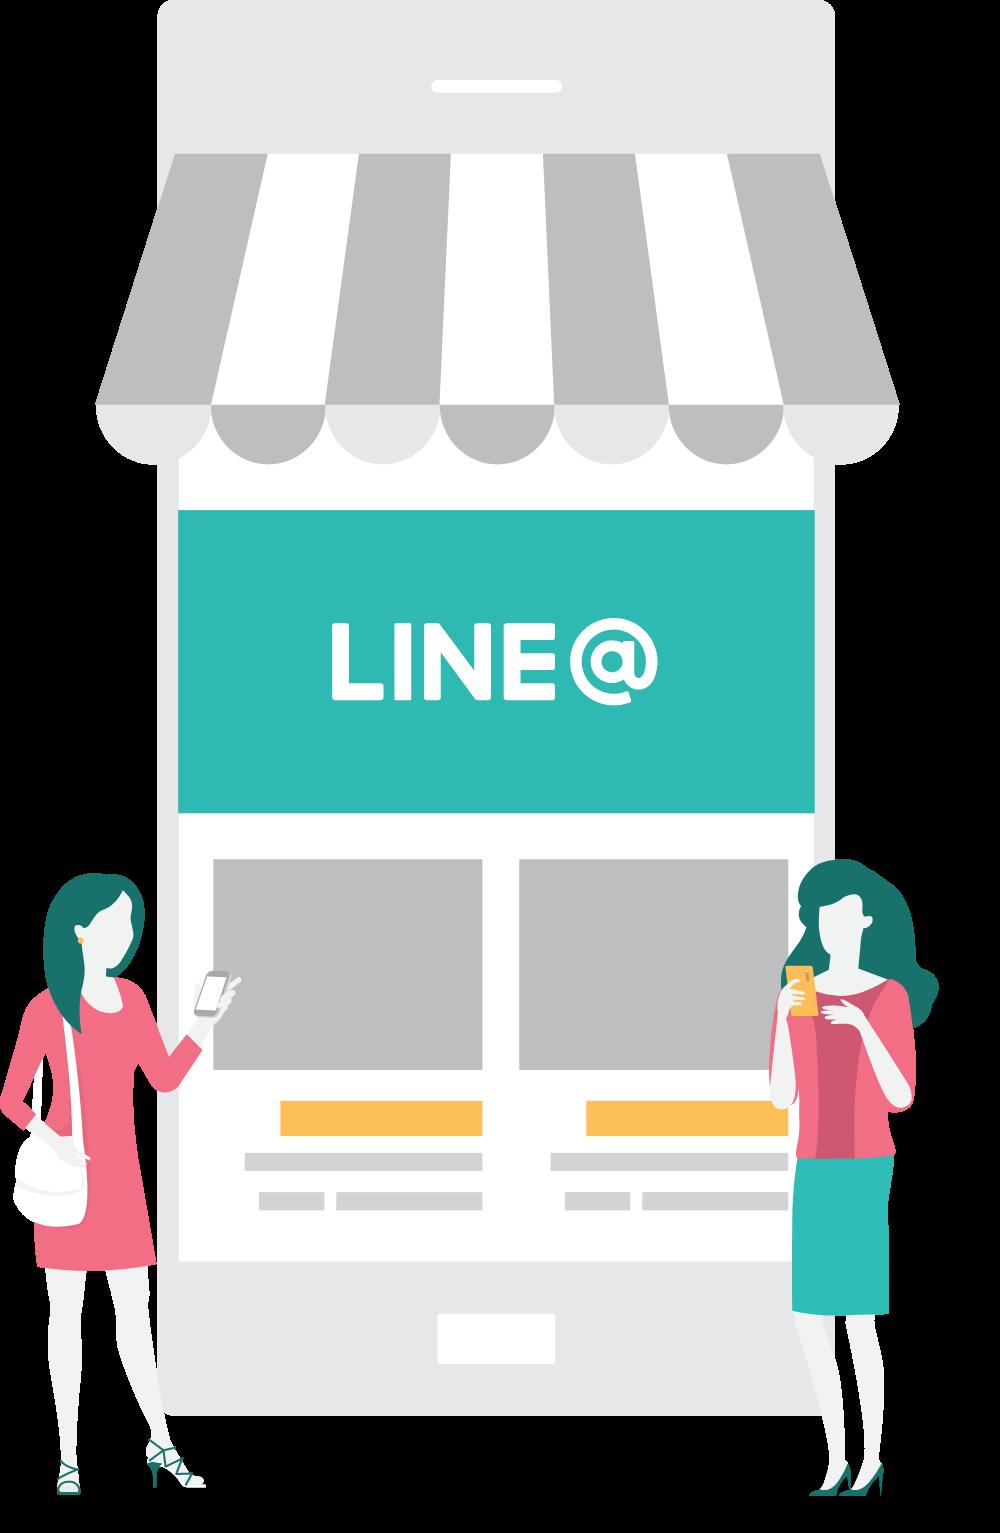 การใช้ประโยชน์จากความนิยมของ LINE